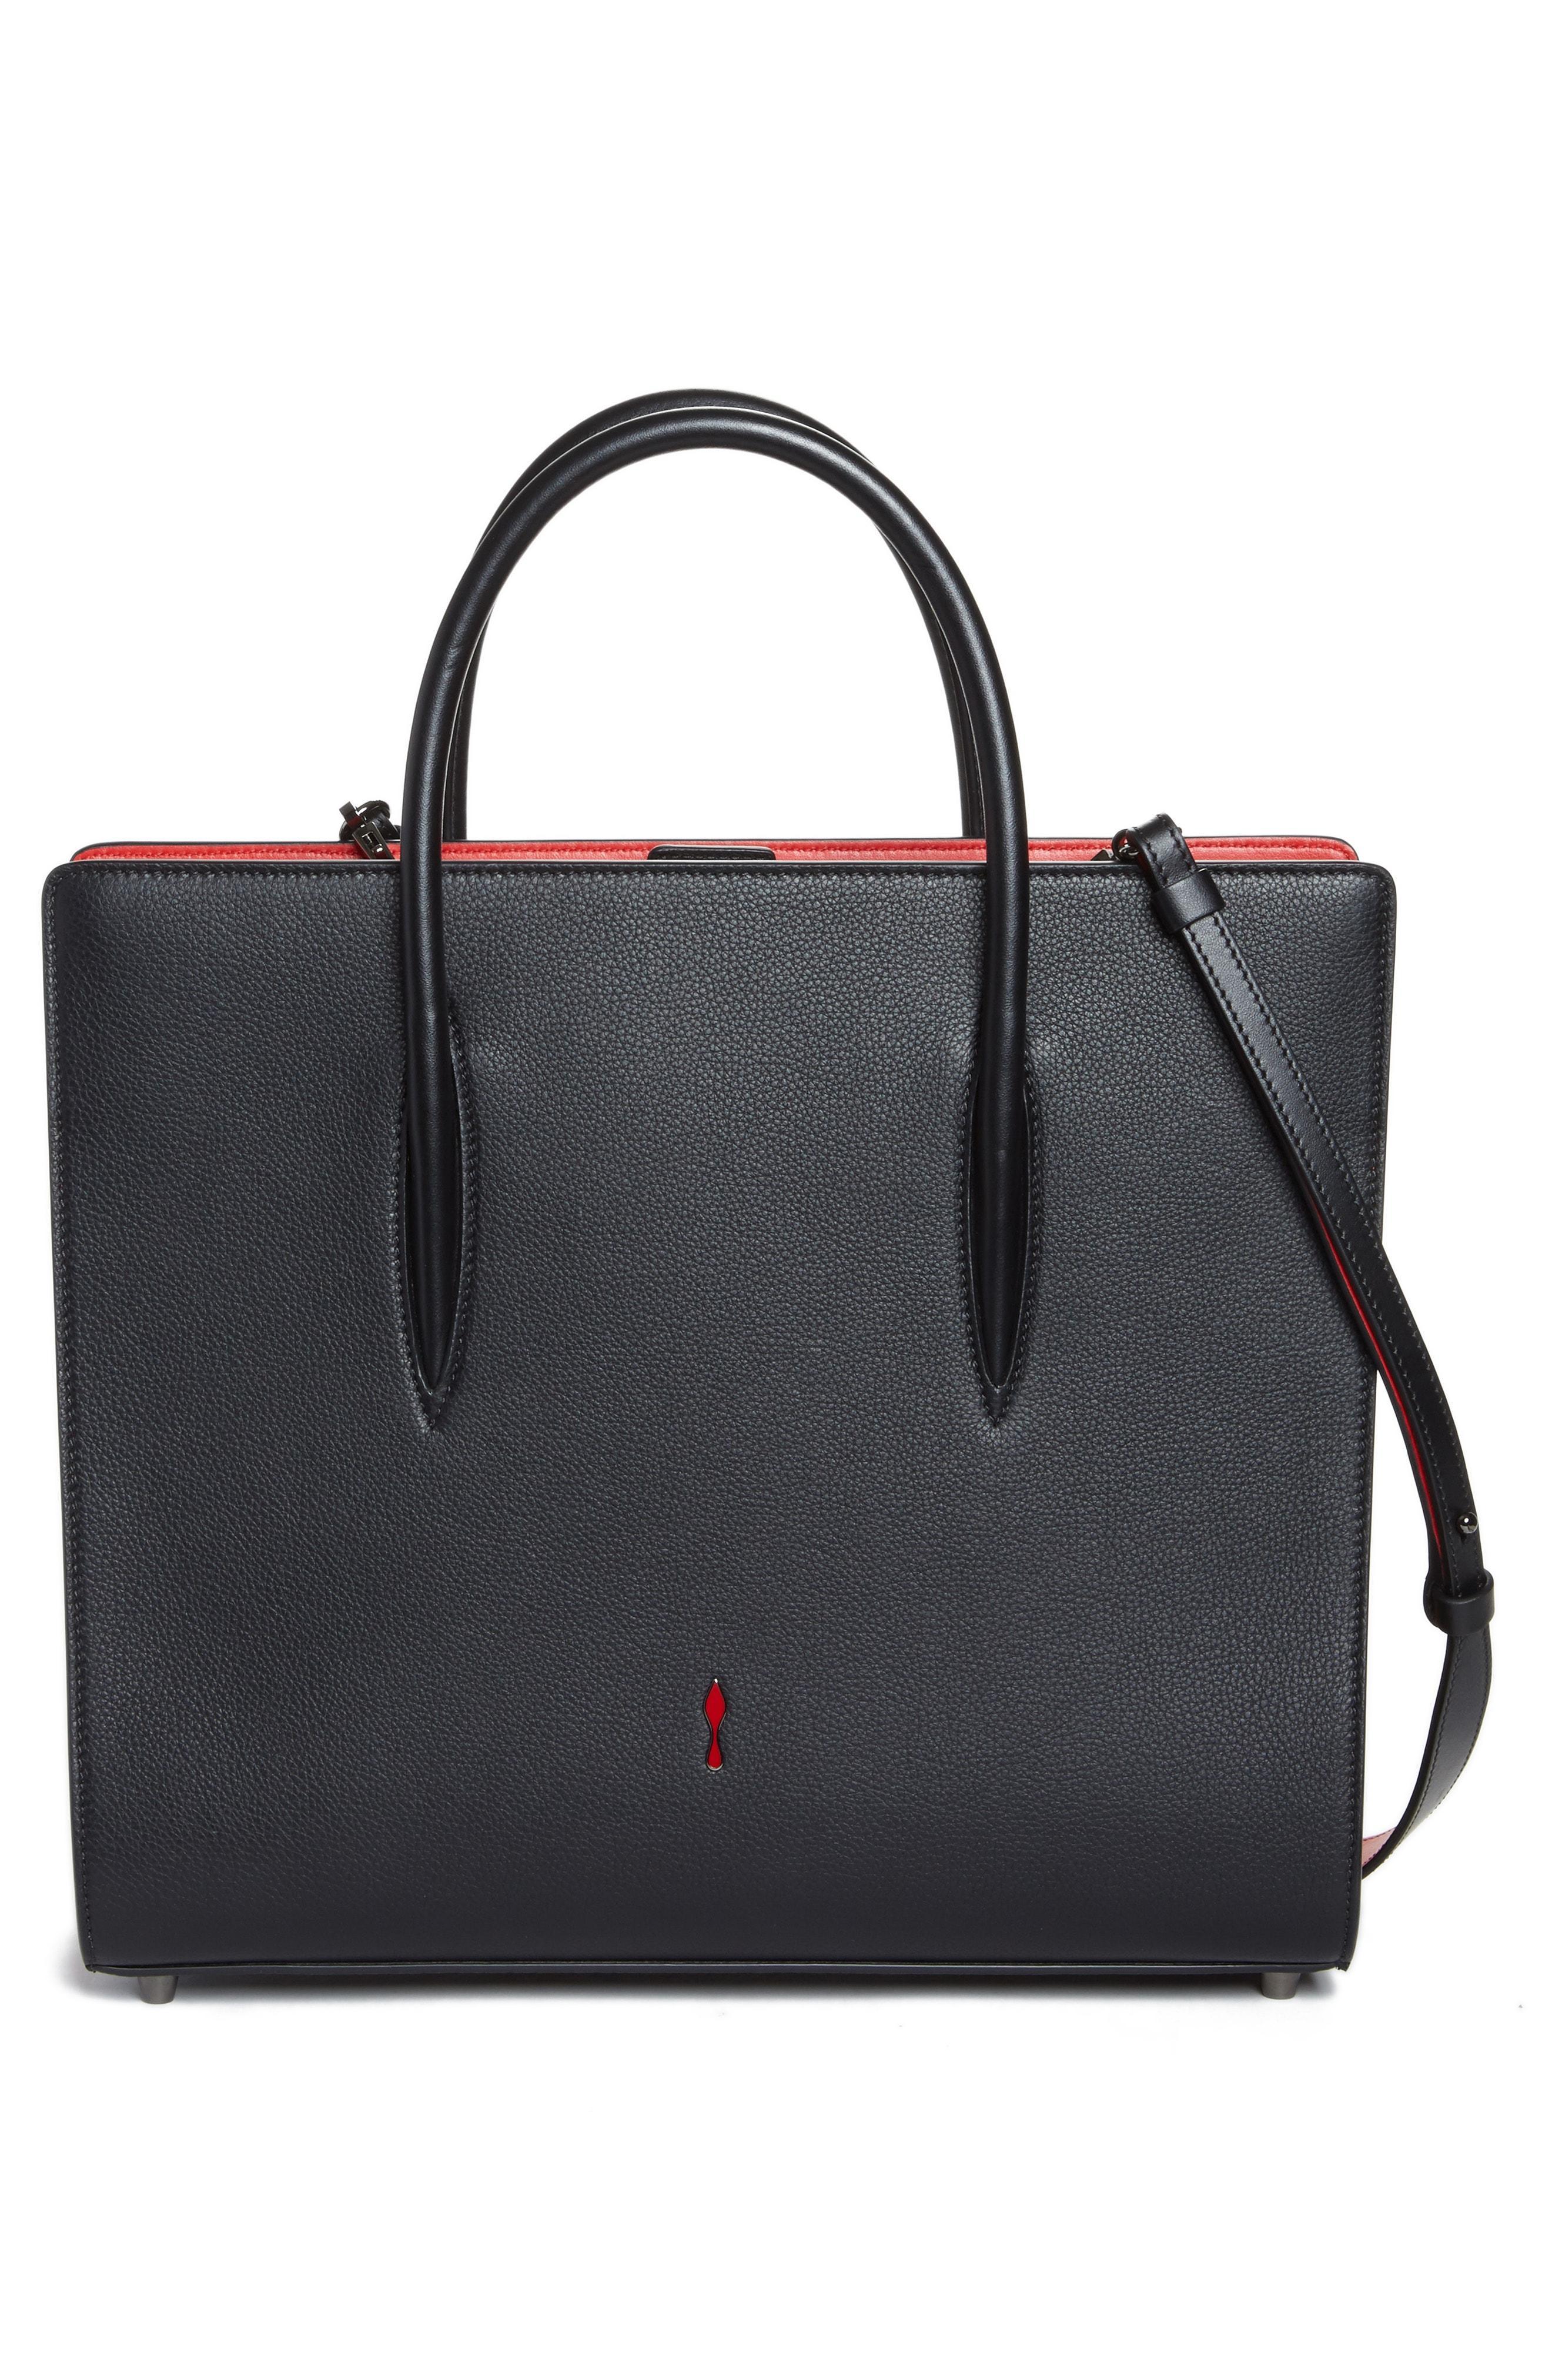 3b5a4feb6a3 Paloma Nano Spike Leather Tote Bag, Black